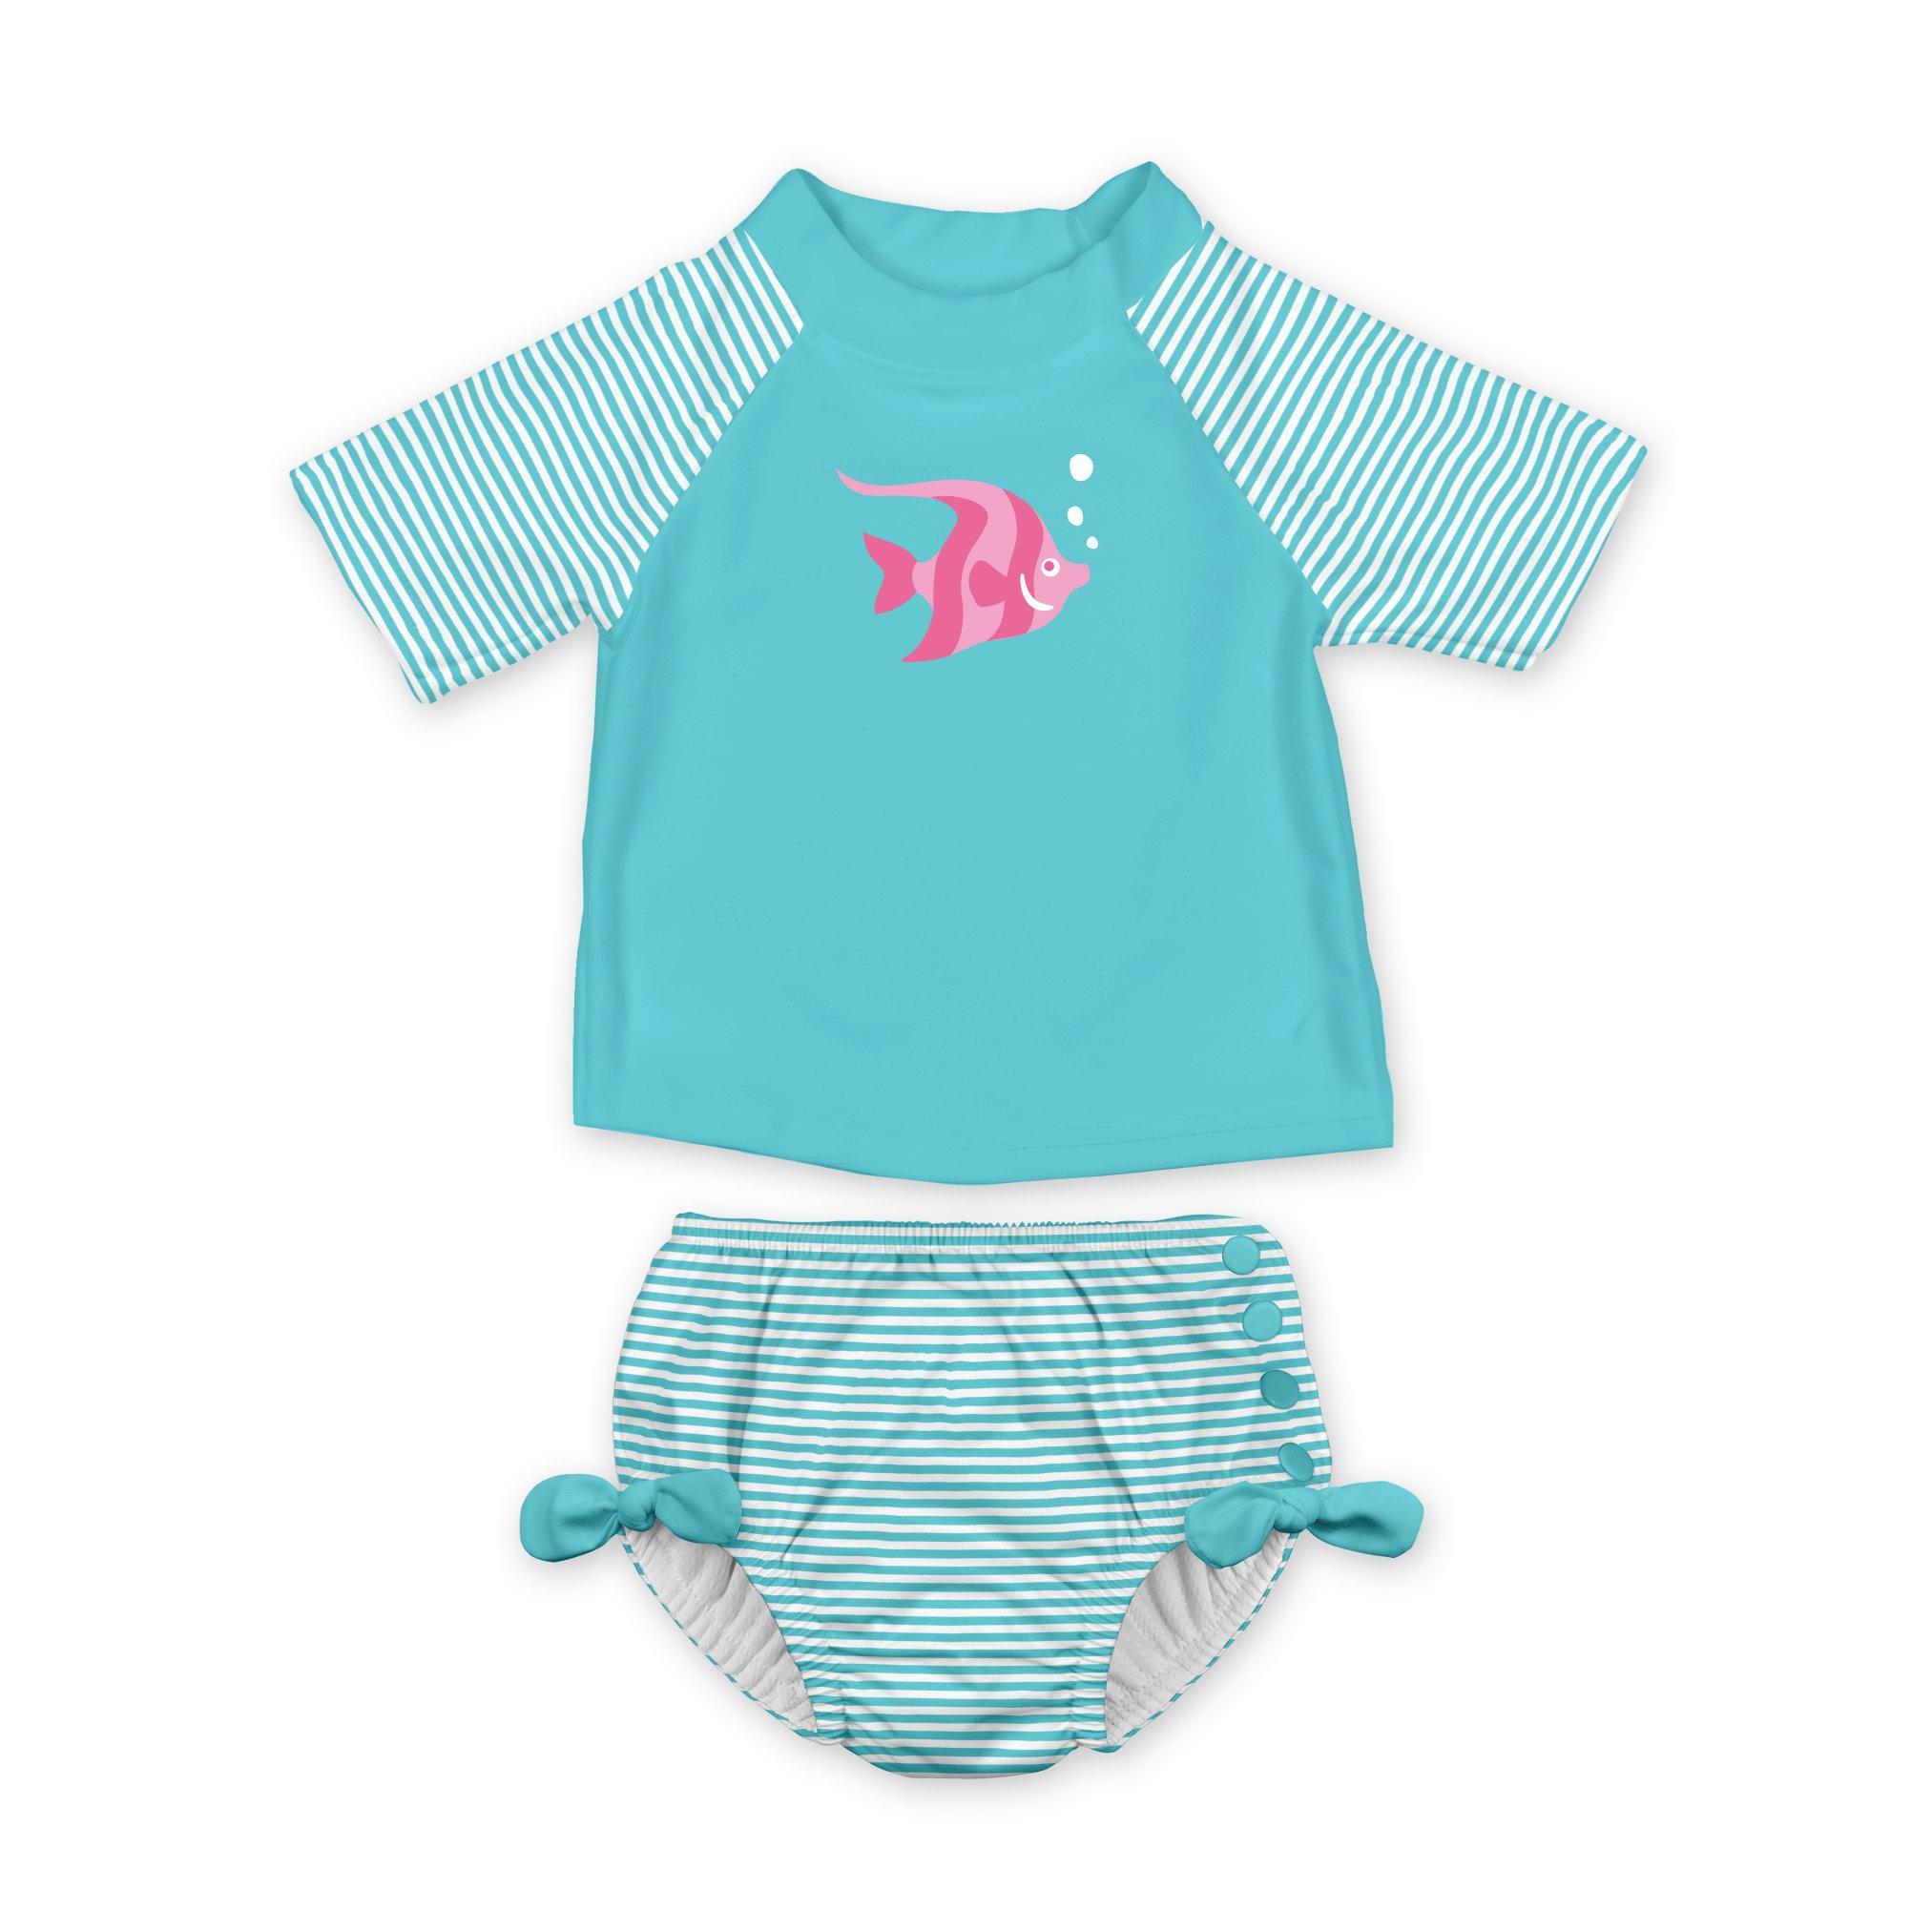 i play. Baby Girls 2pc Rashguard Swimsuit Set with